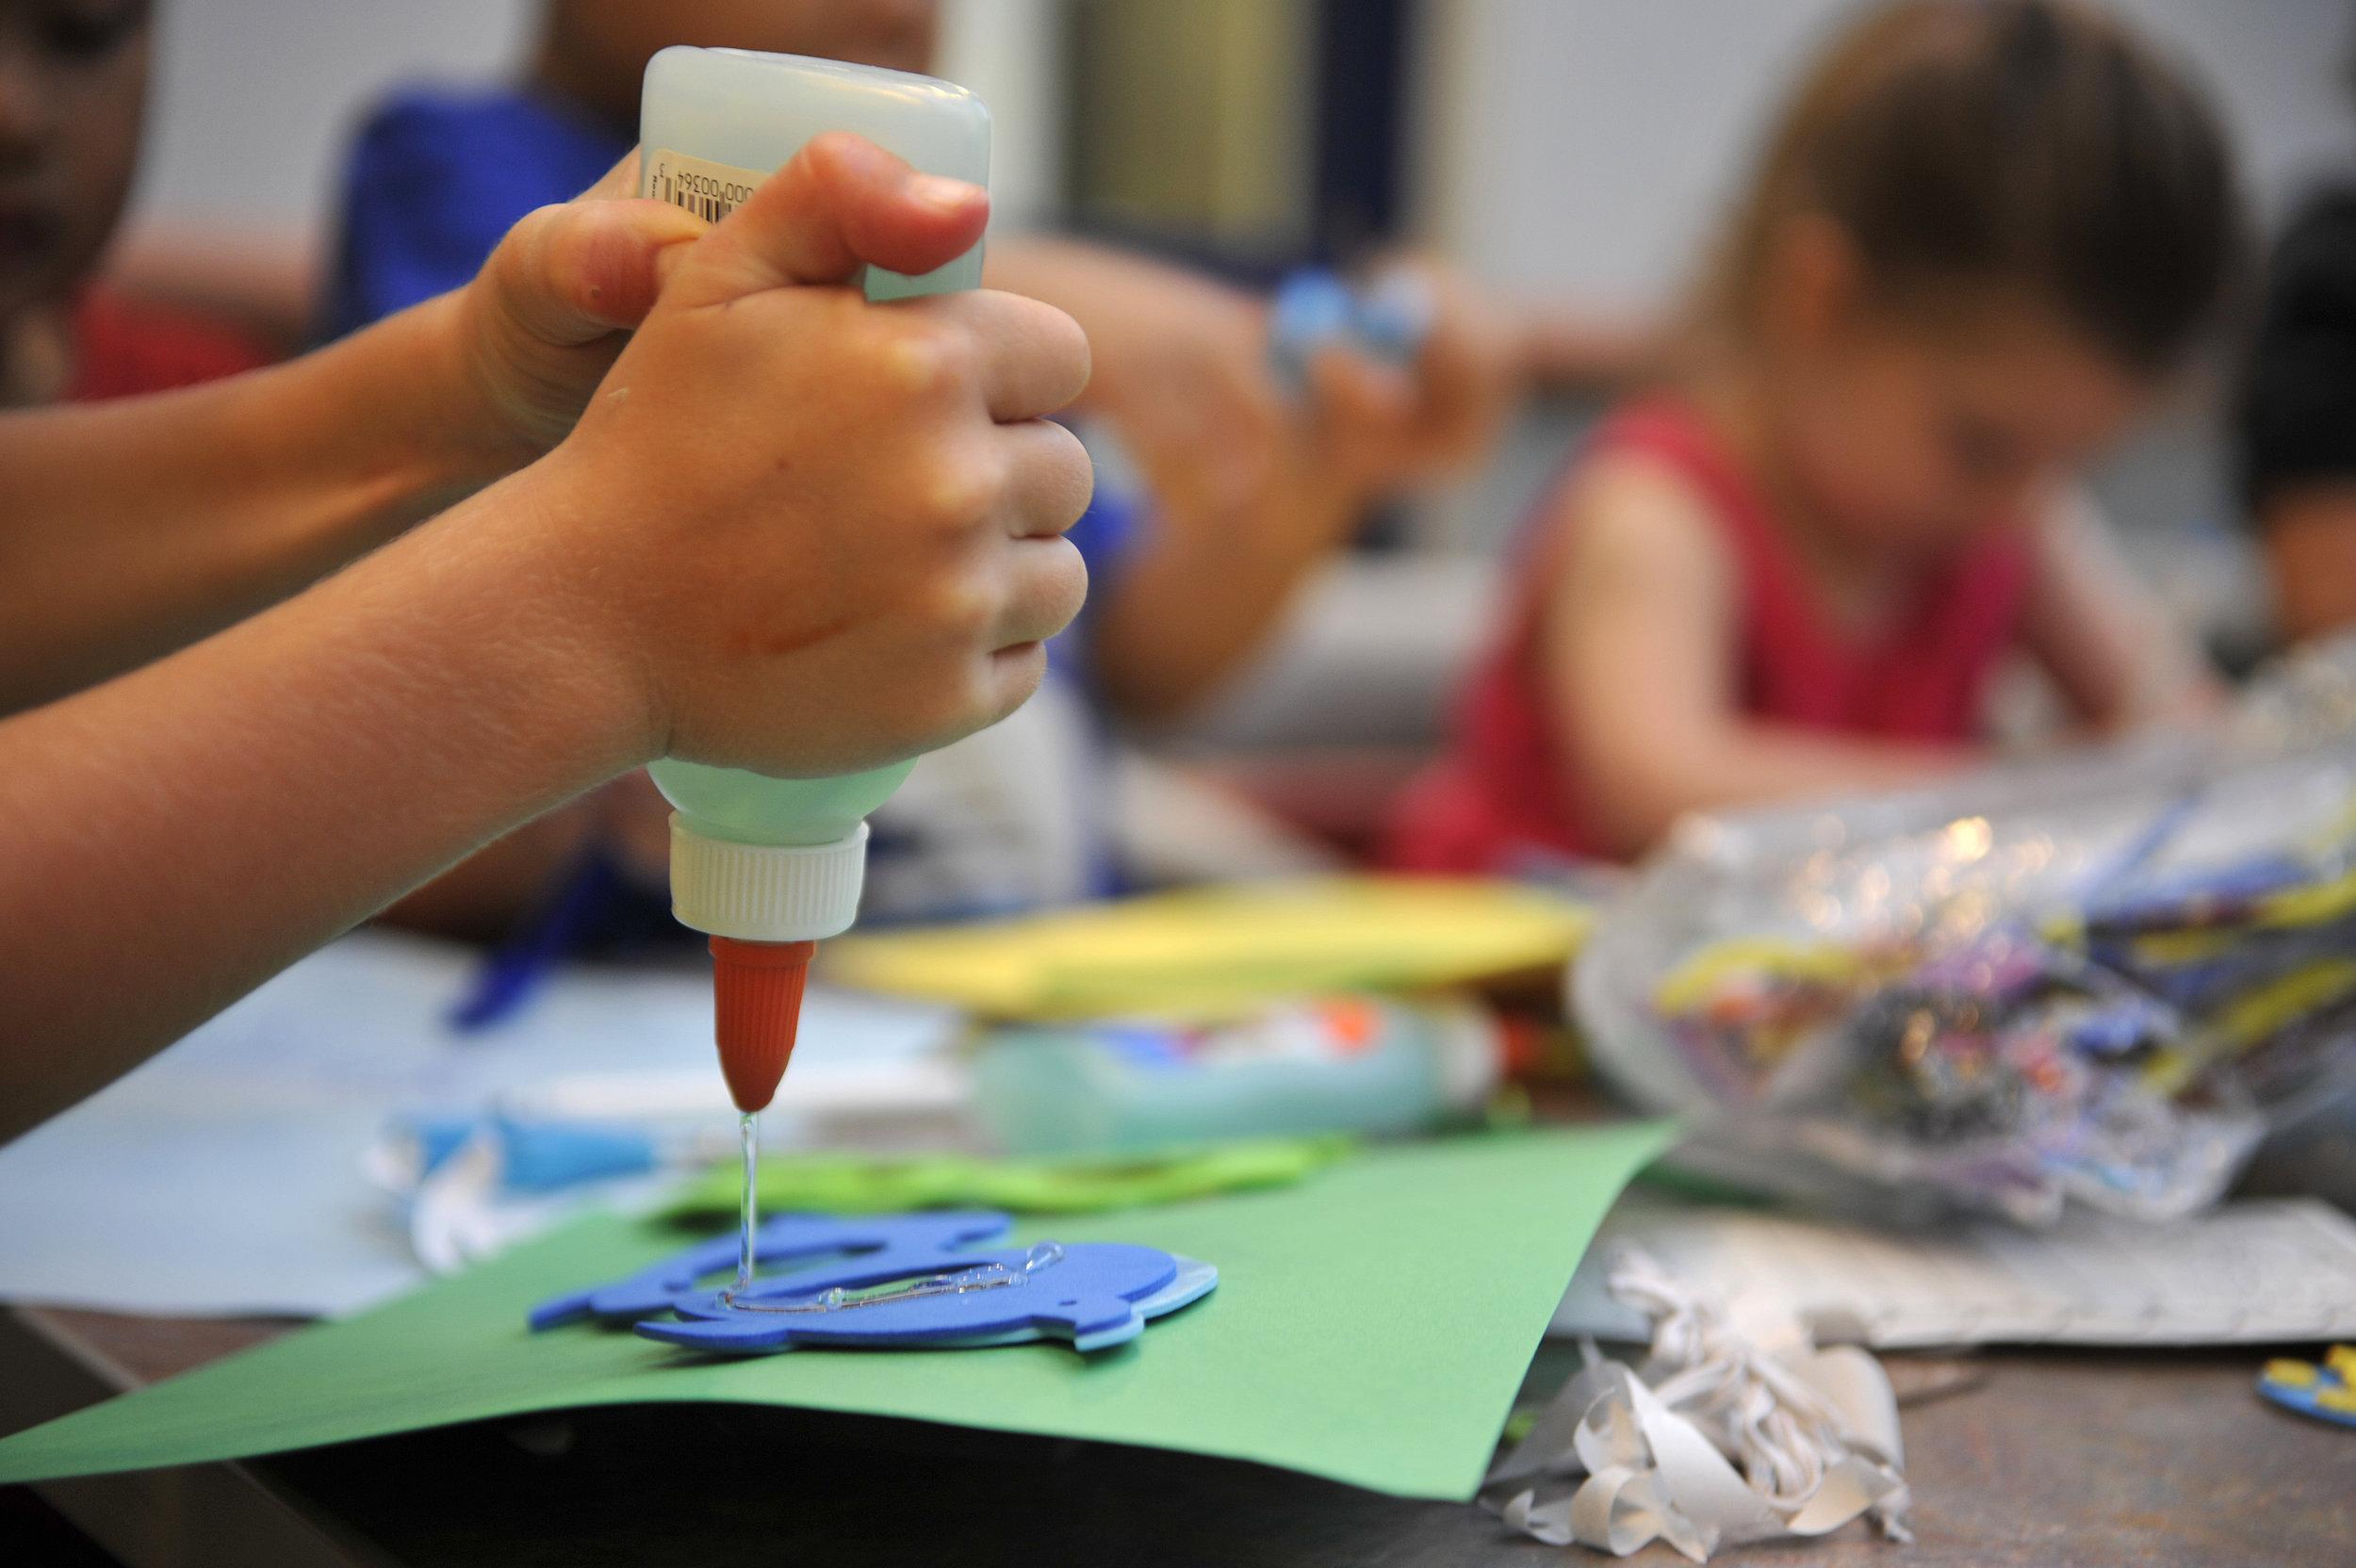 nannypod_motivate_kids_do_chores_chore_wheel.jpg